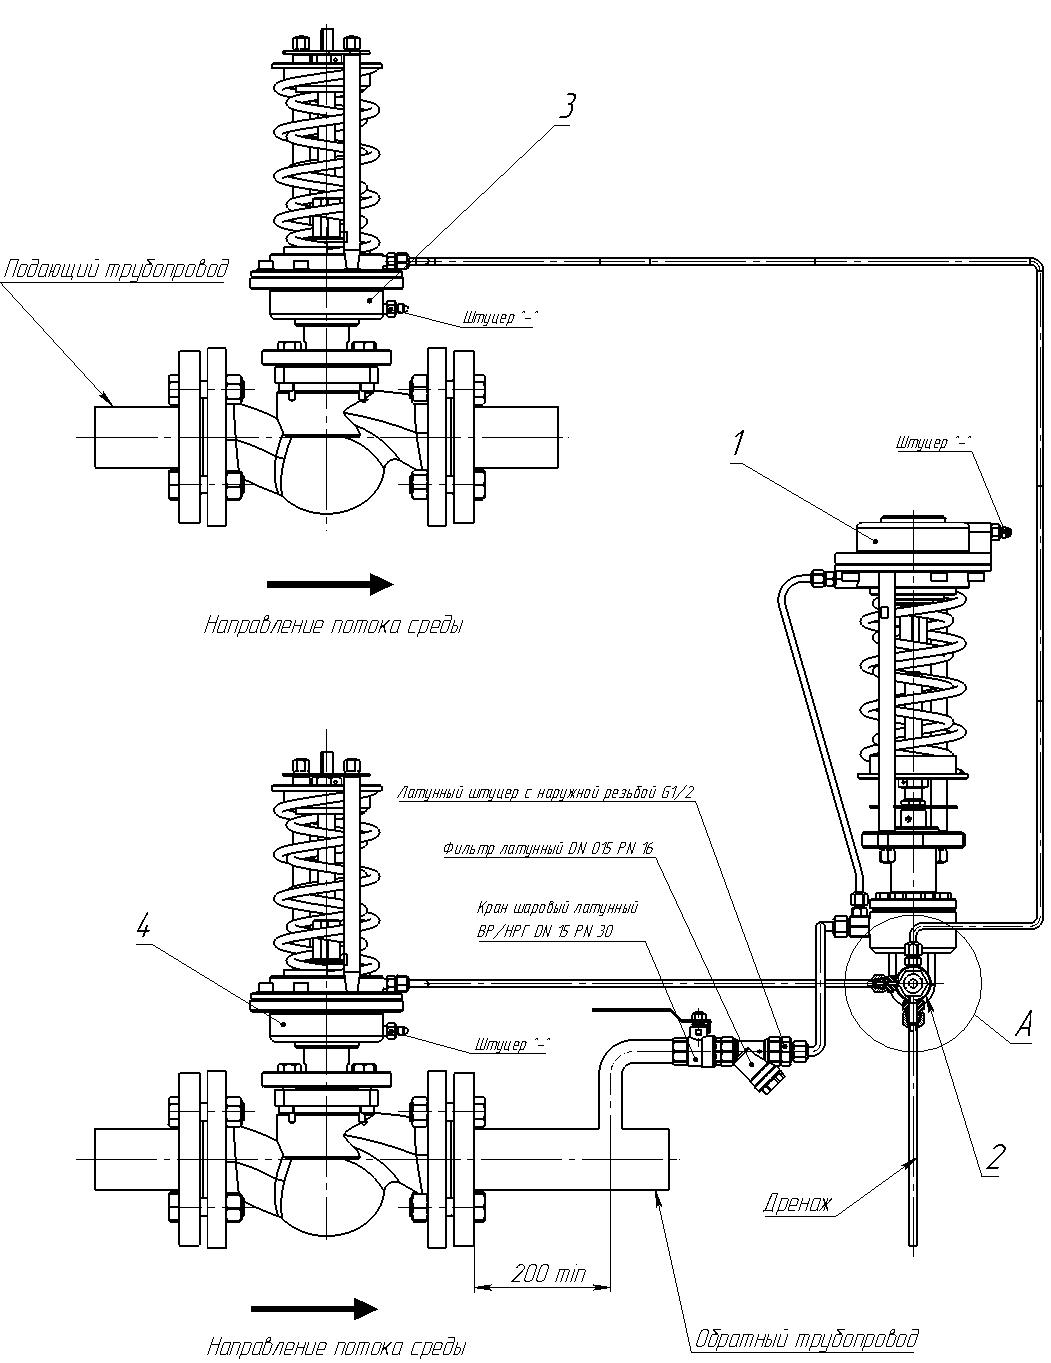 Автоматическая защита от превышения давления АЗПД-20